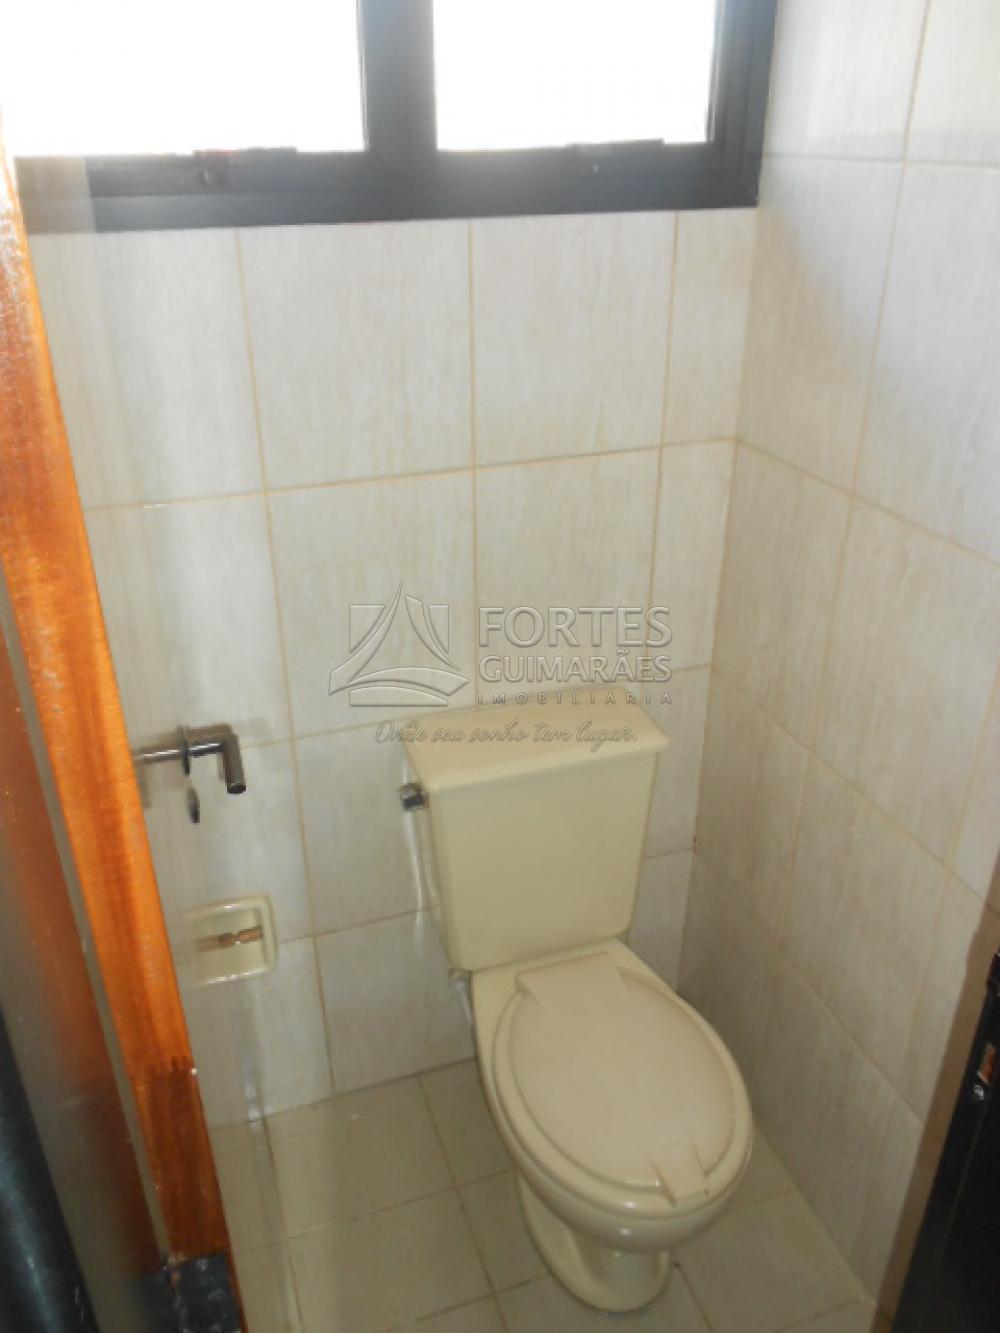 Alugar Comercial / Sala em Ribeirão Preto apenas R$ 750,00 - Foto 16